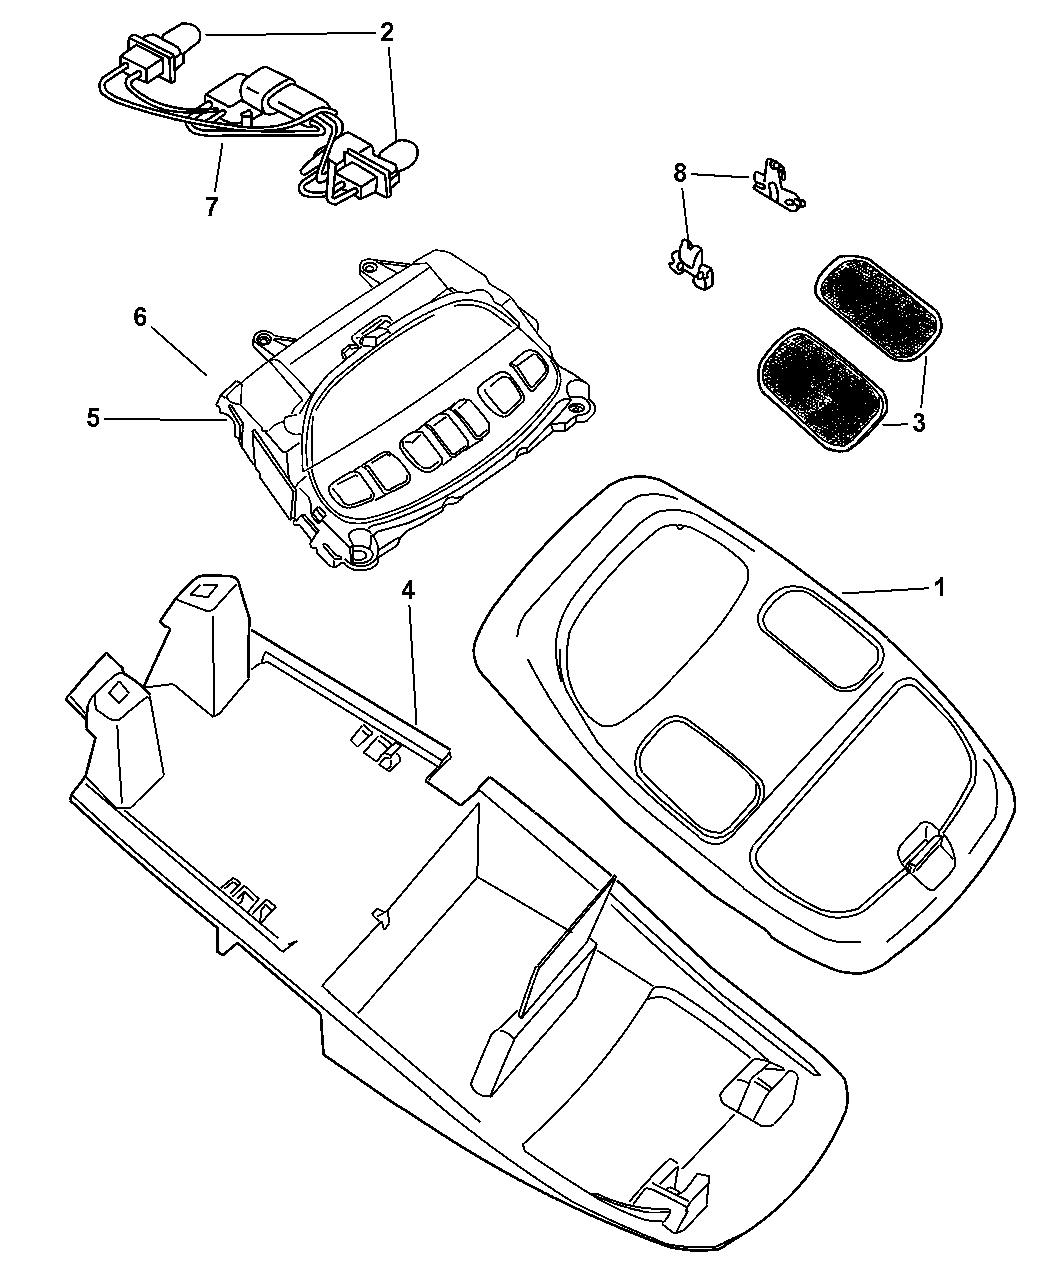 Genuine Dodge CONSOLE-OVERHEAD CONSOLE